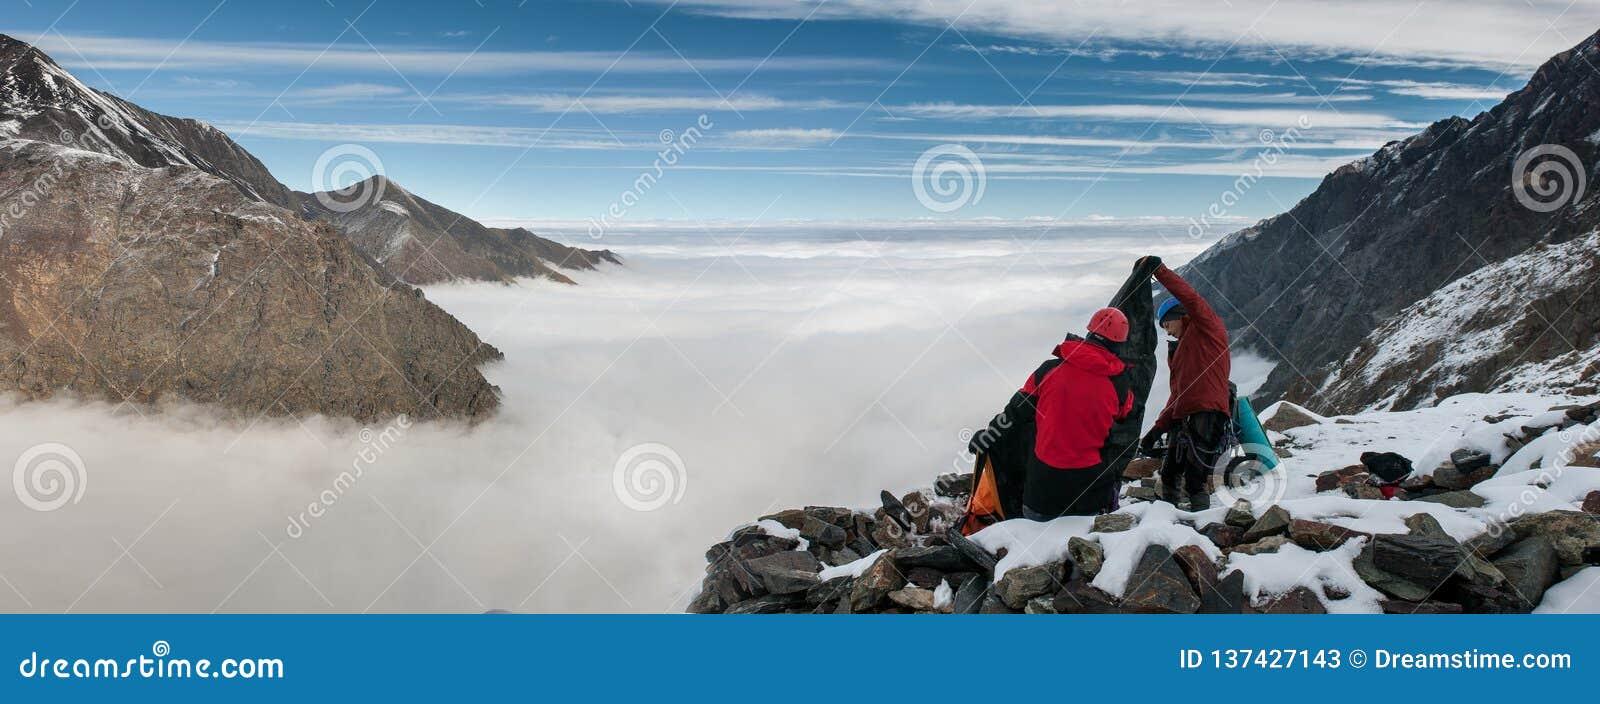 Góry, podróż, natura, śnieg, chmurnieją